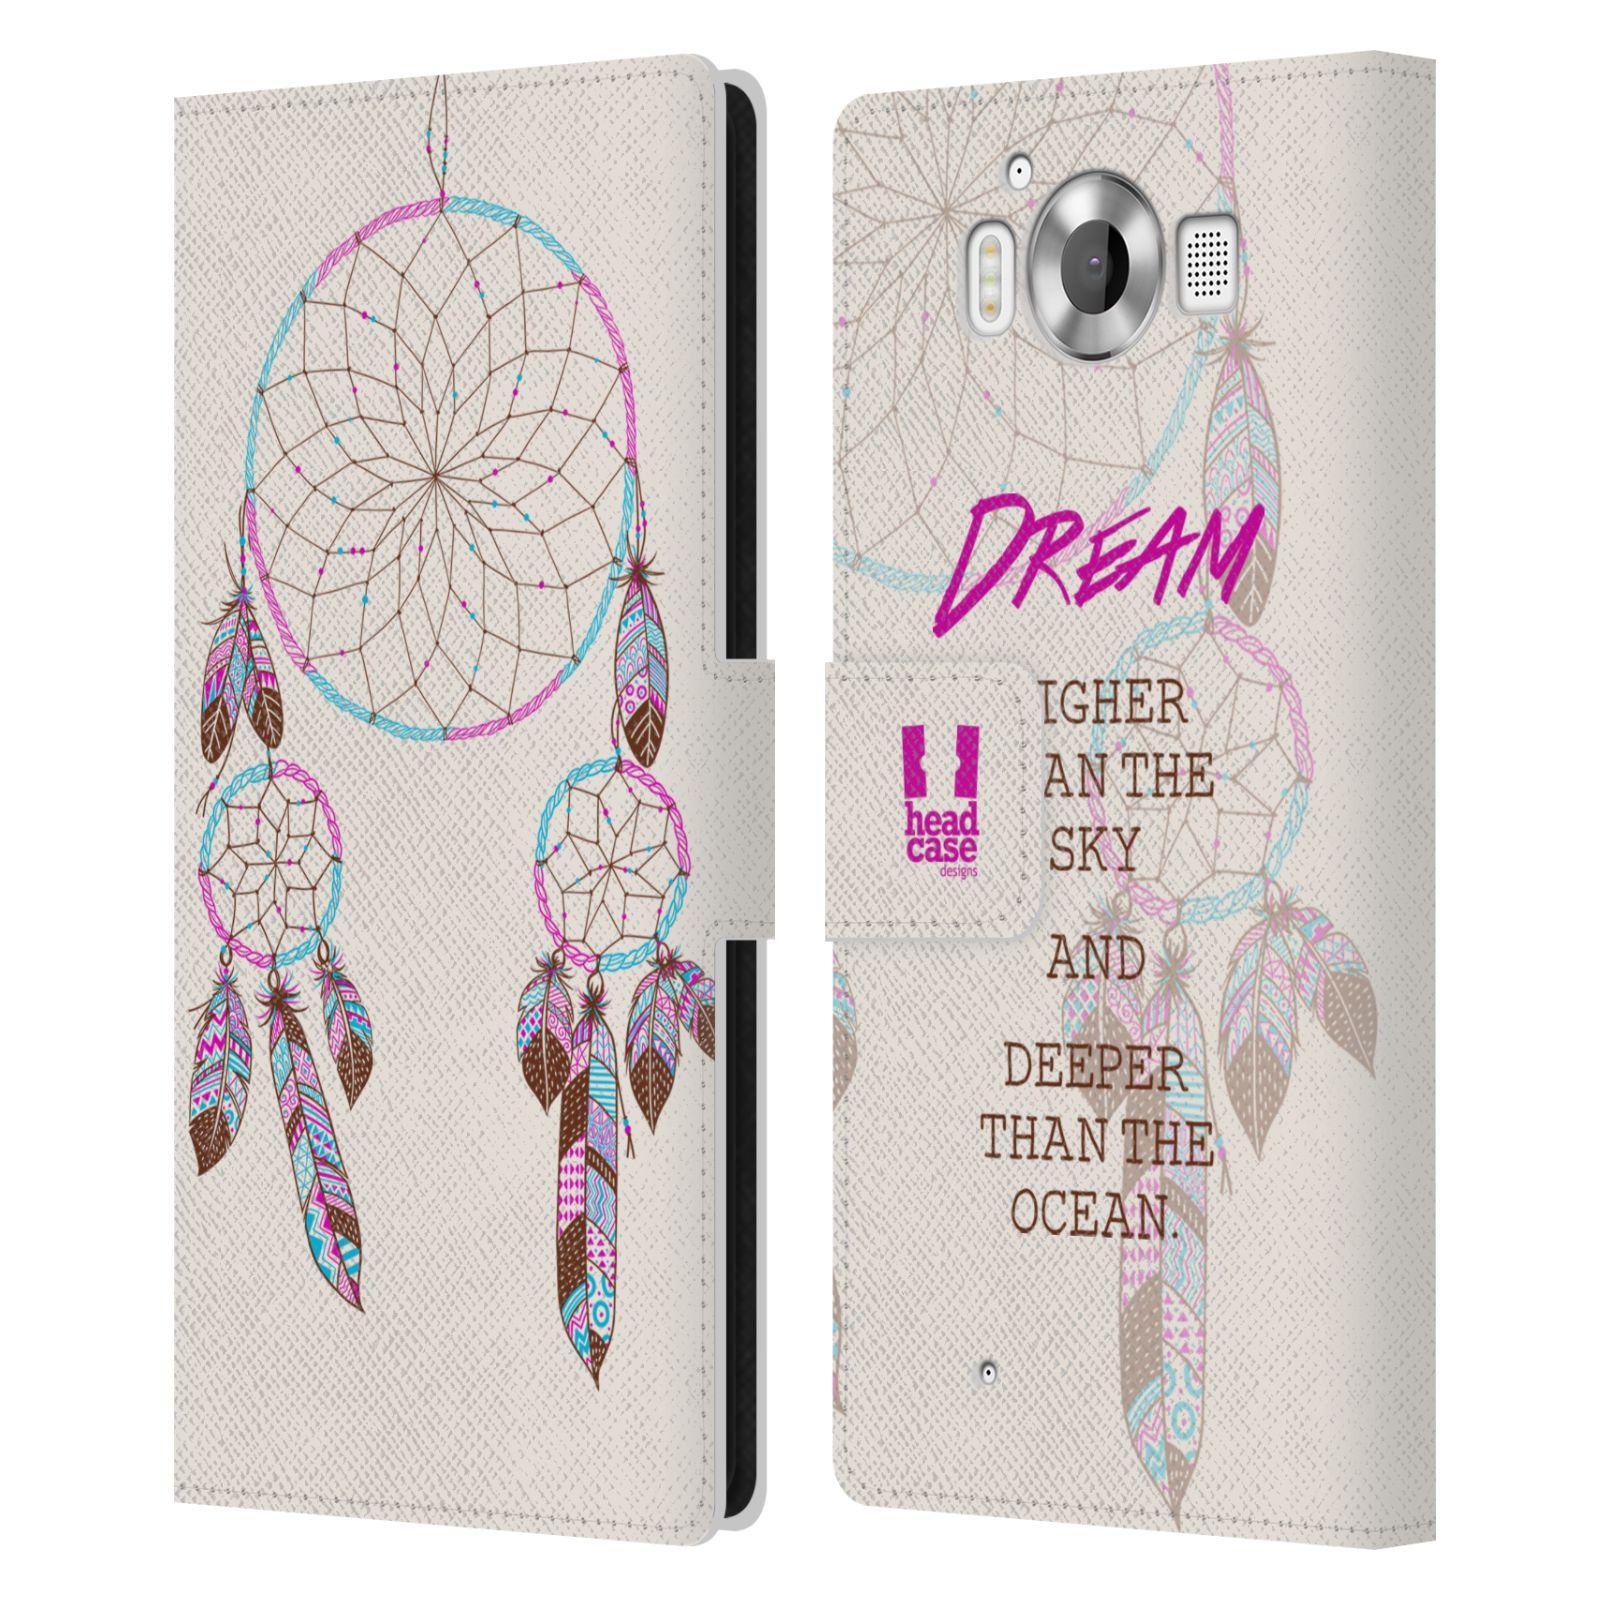 Pouzdro na mobil Nokia Lumia 950 - Head Case - Lapač snů fialová dream